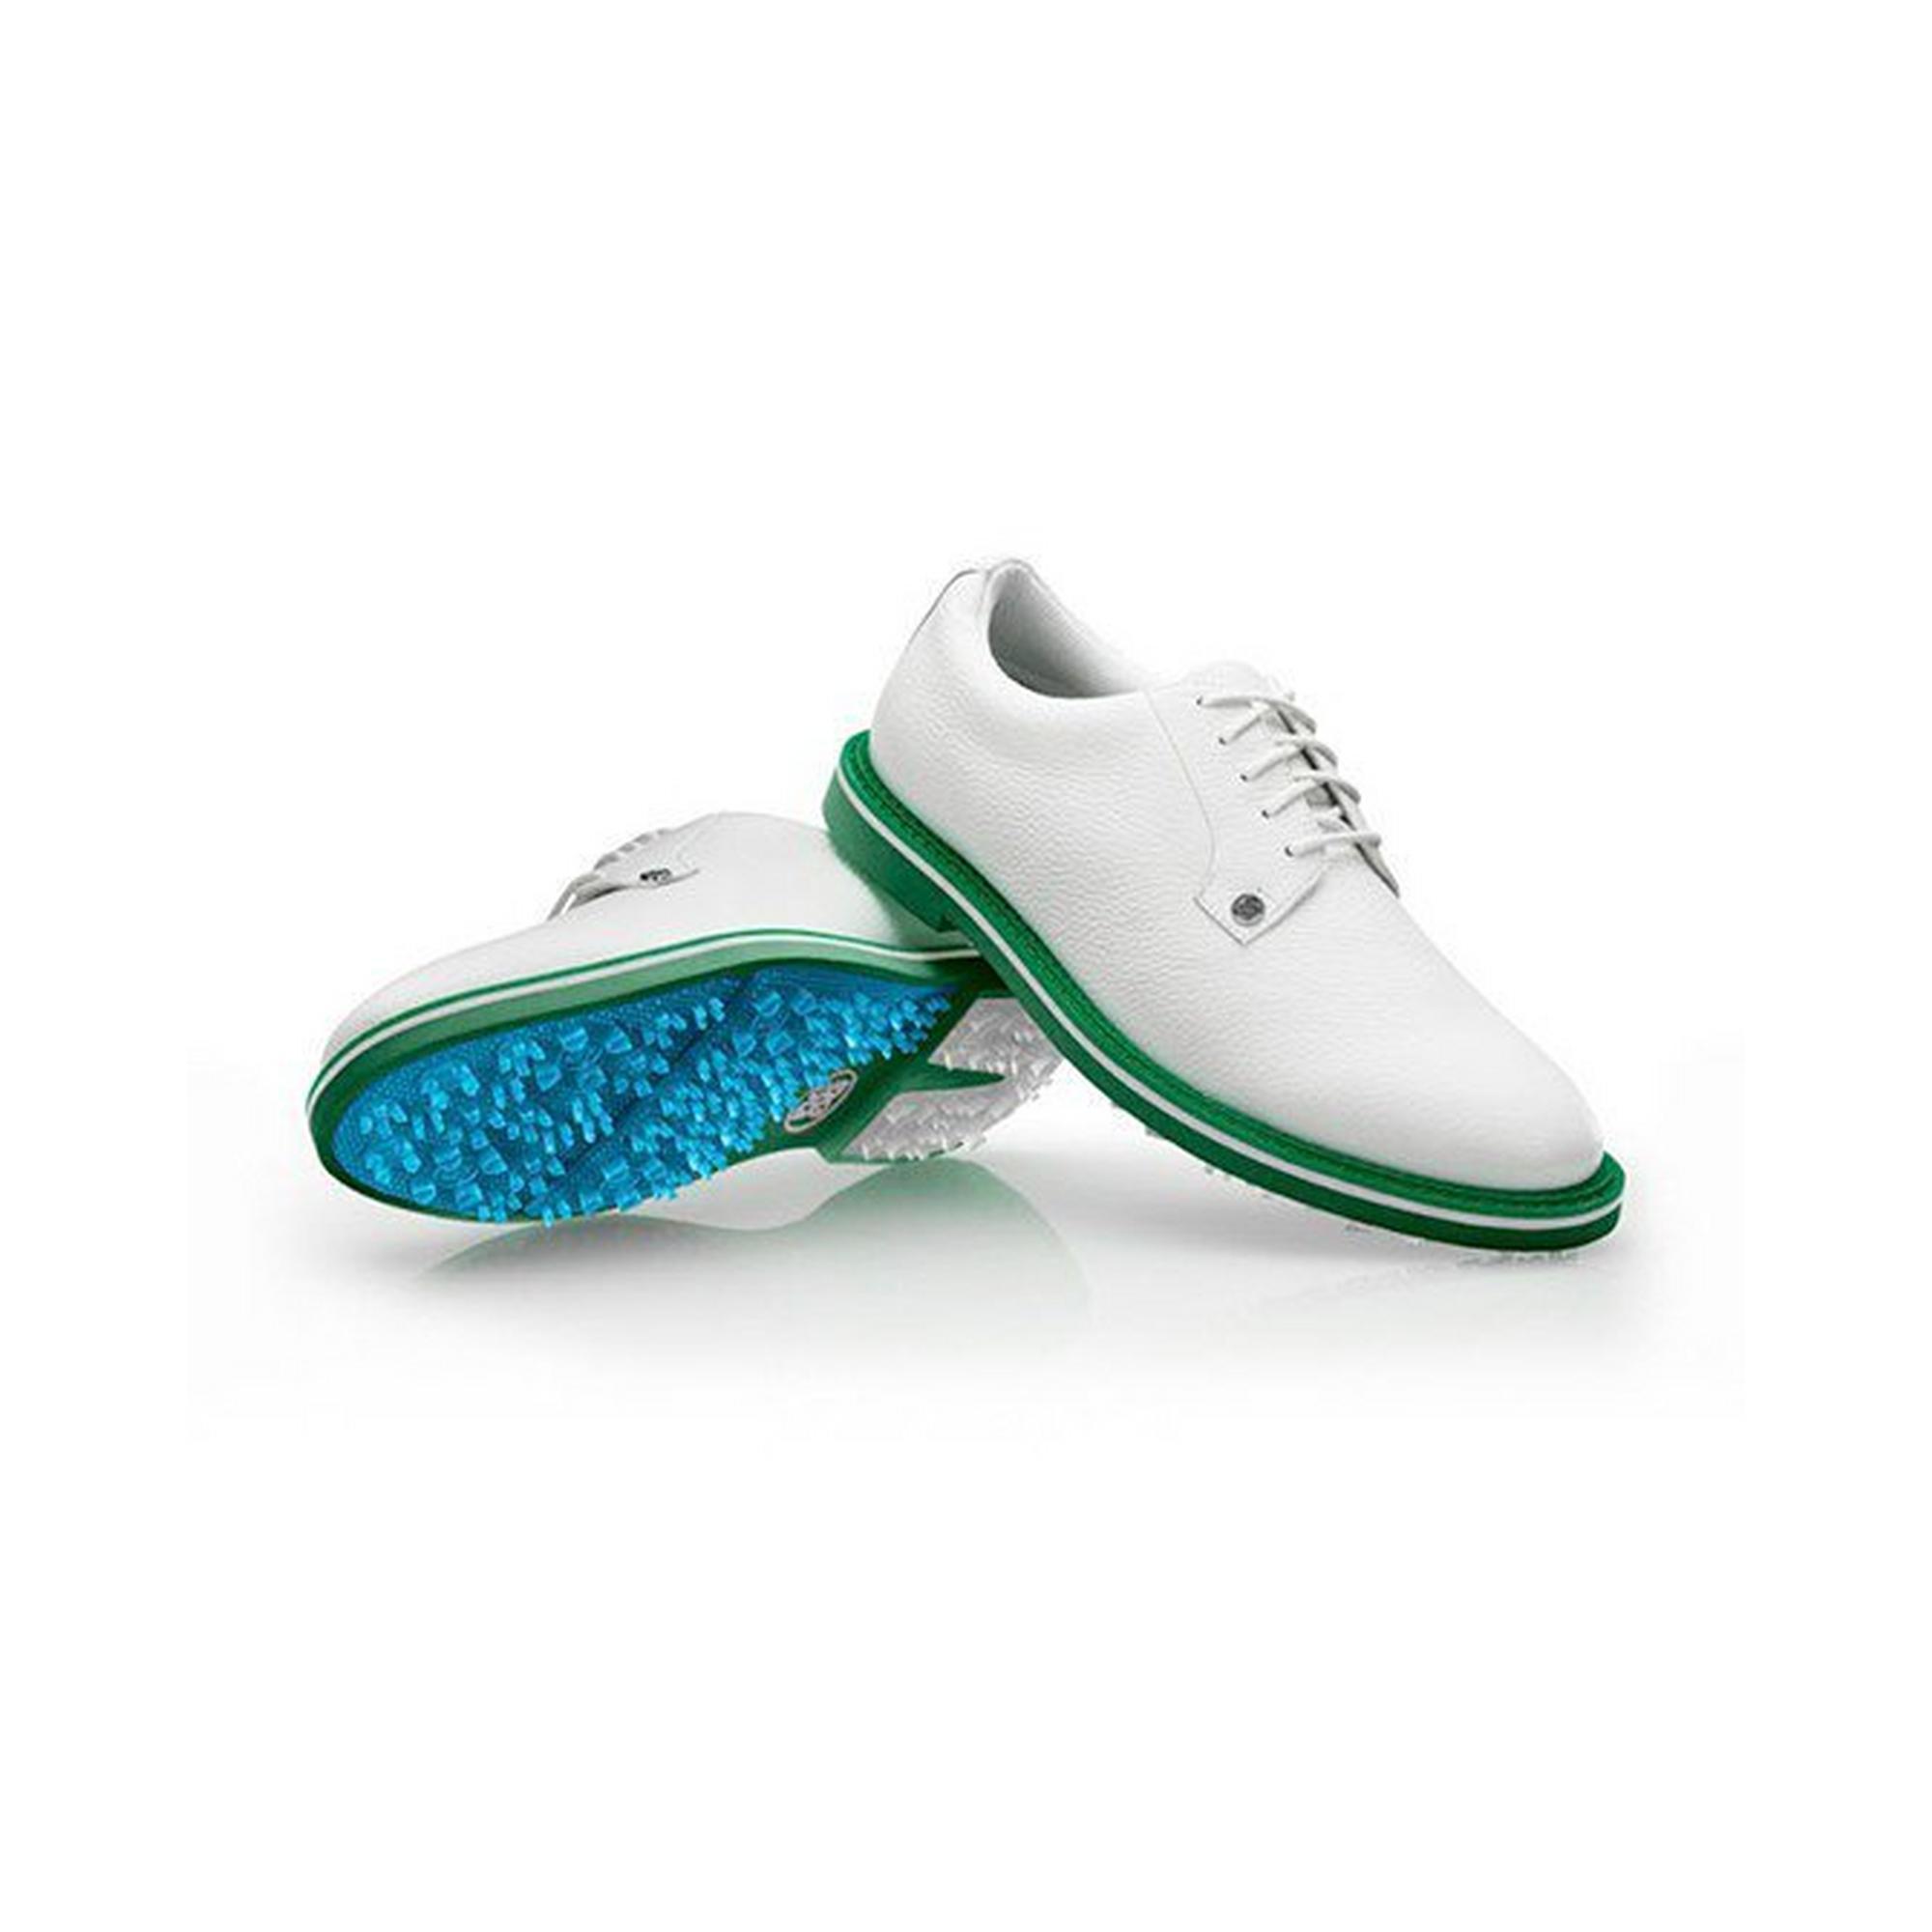 Men's Gallivanter Spikeless Golf Shoe - White/Green